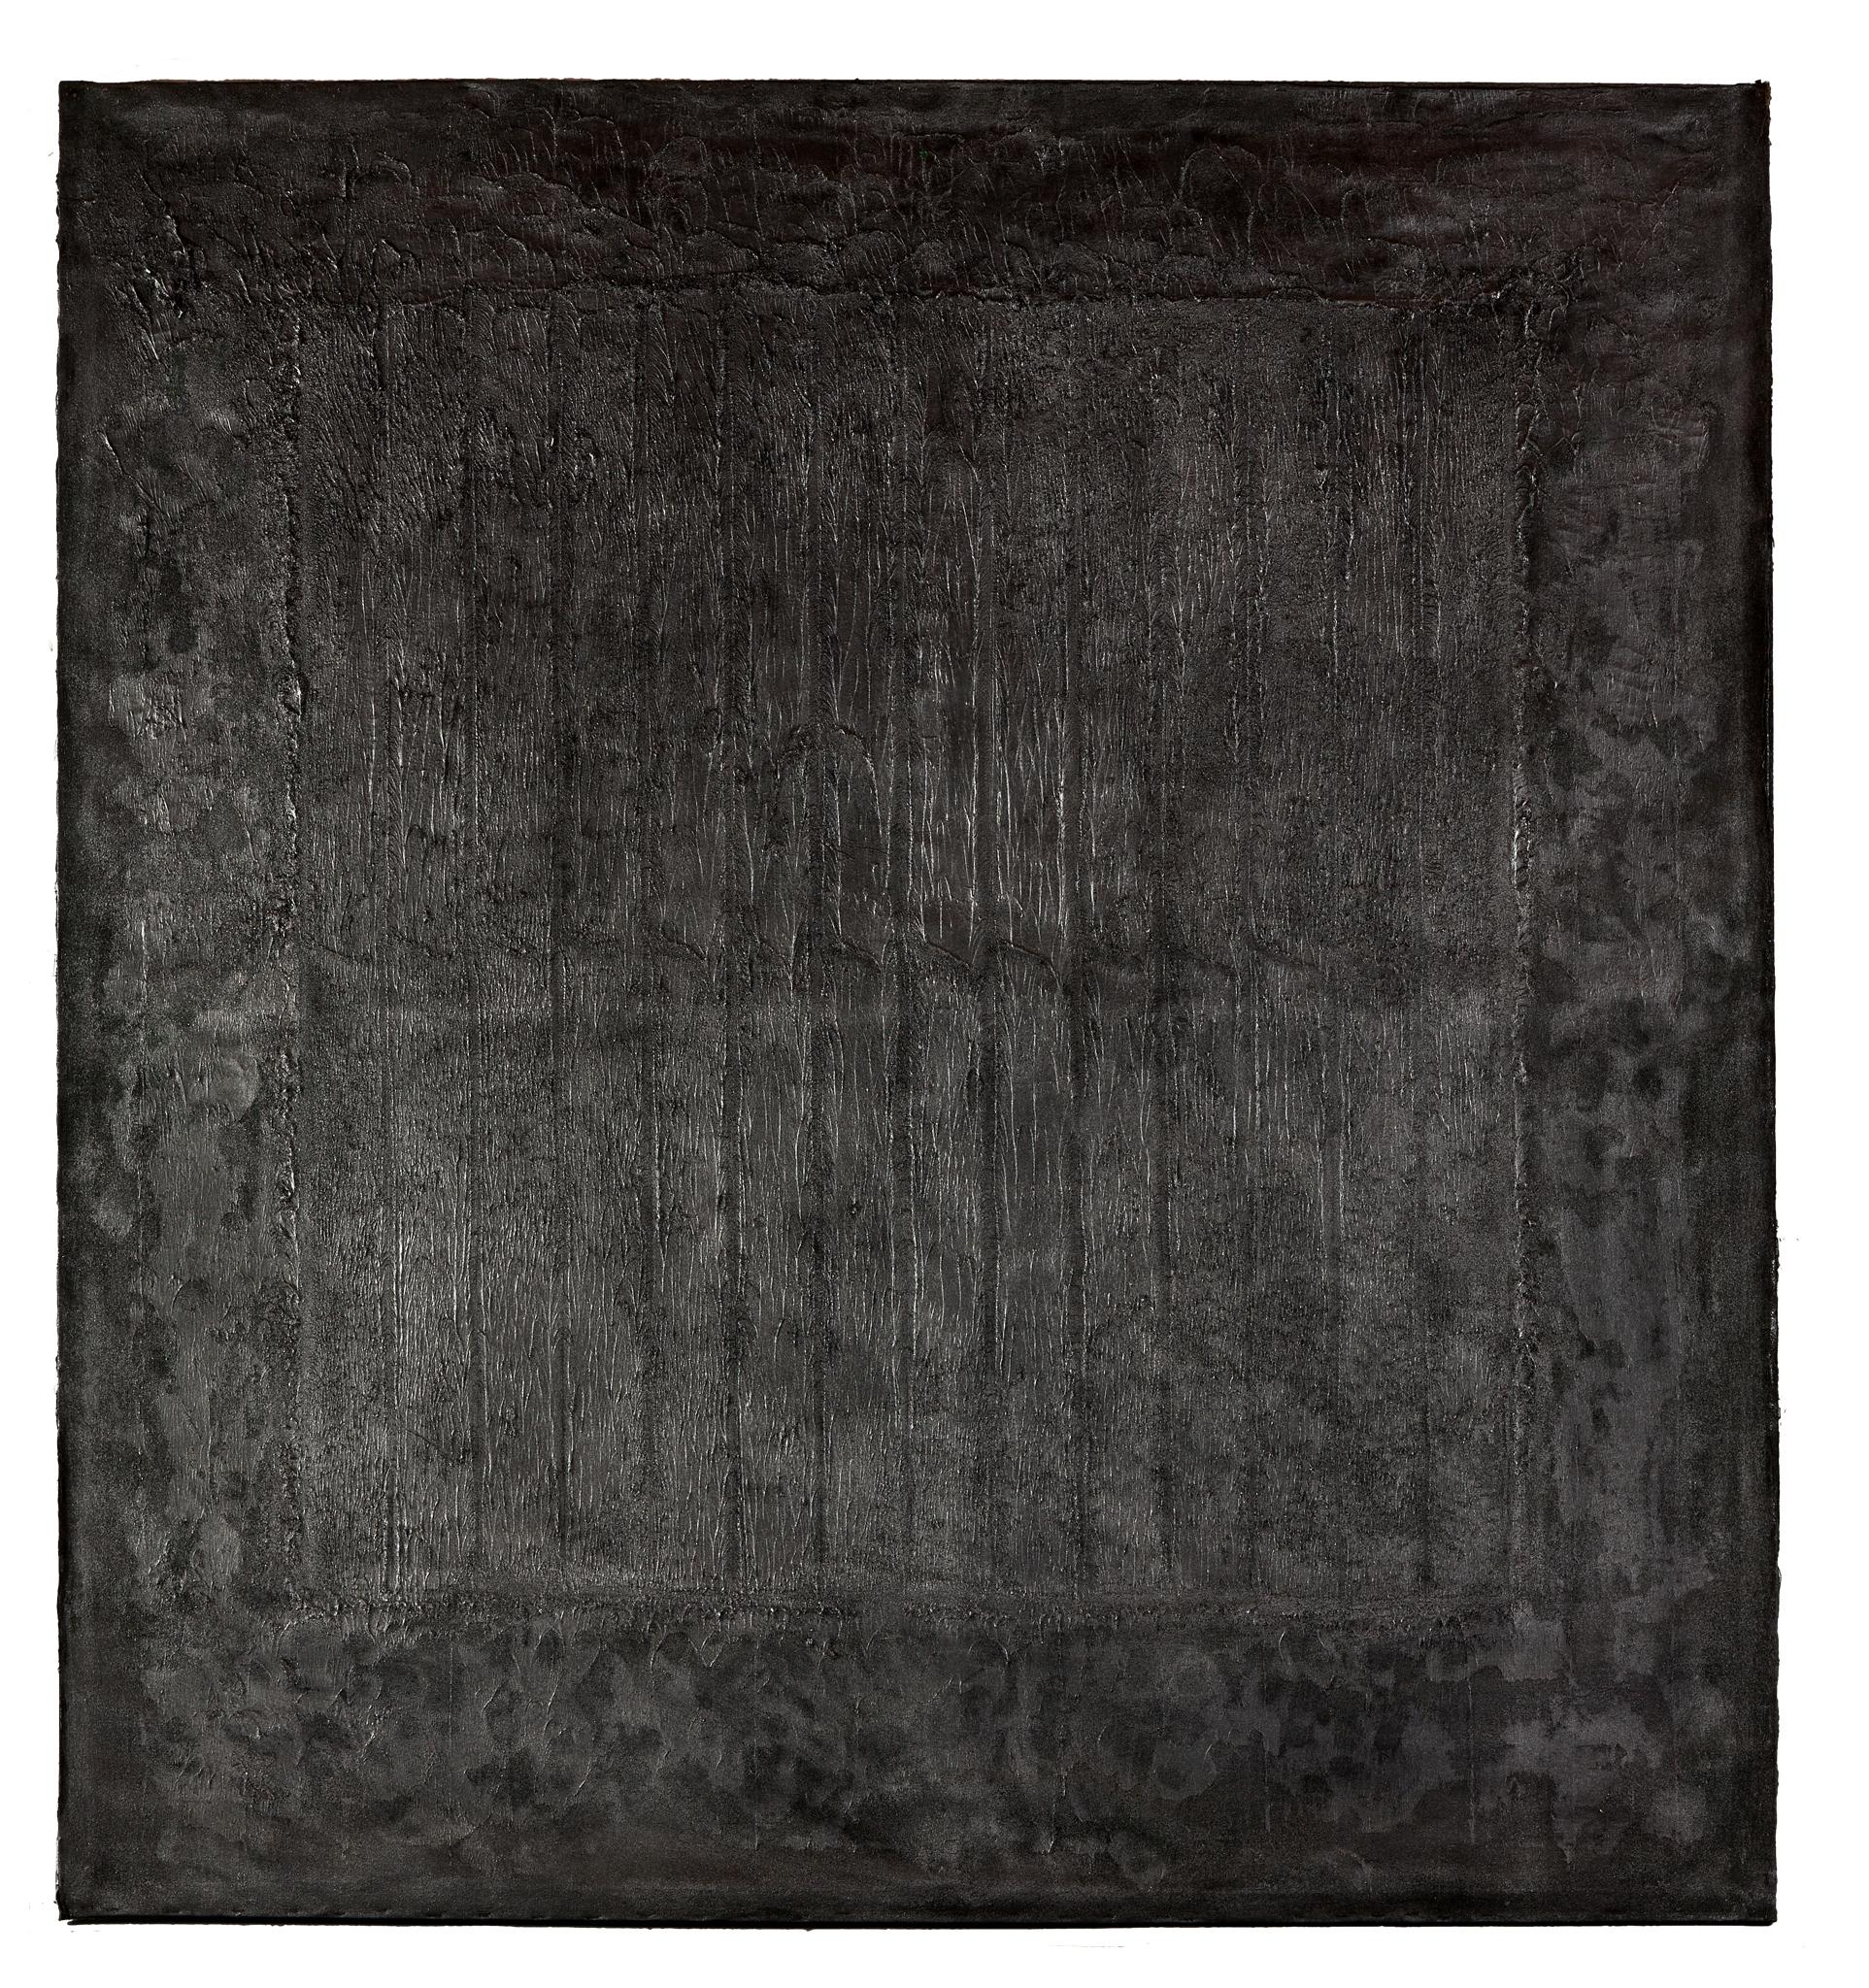 Rolf Rose, 213 x 199 cm, Öl und Graphit auf Leinwand